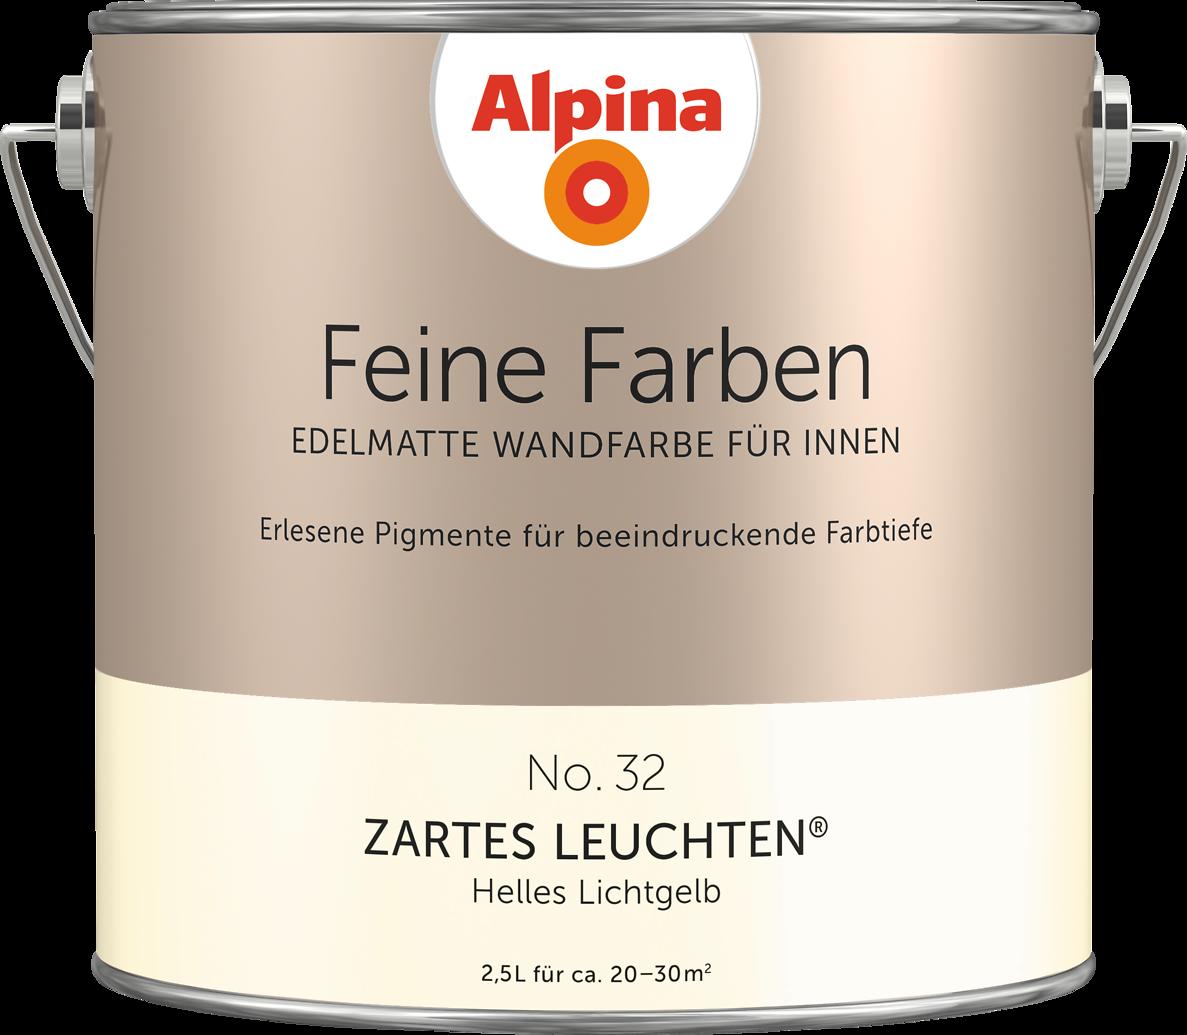 Premium-Wandfarbe. Gelb, Lichtgelb: Alpina Feine Farben